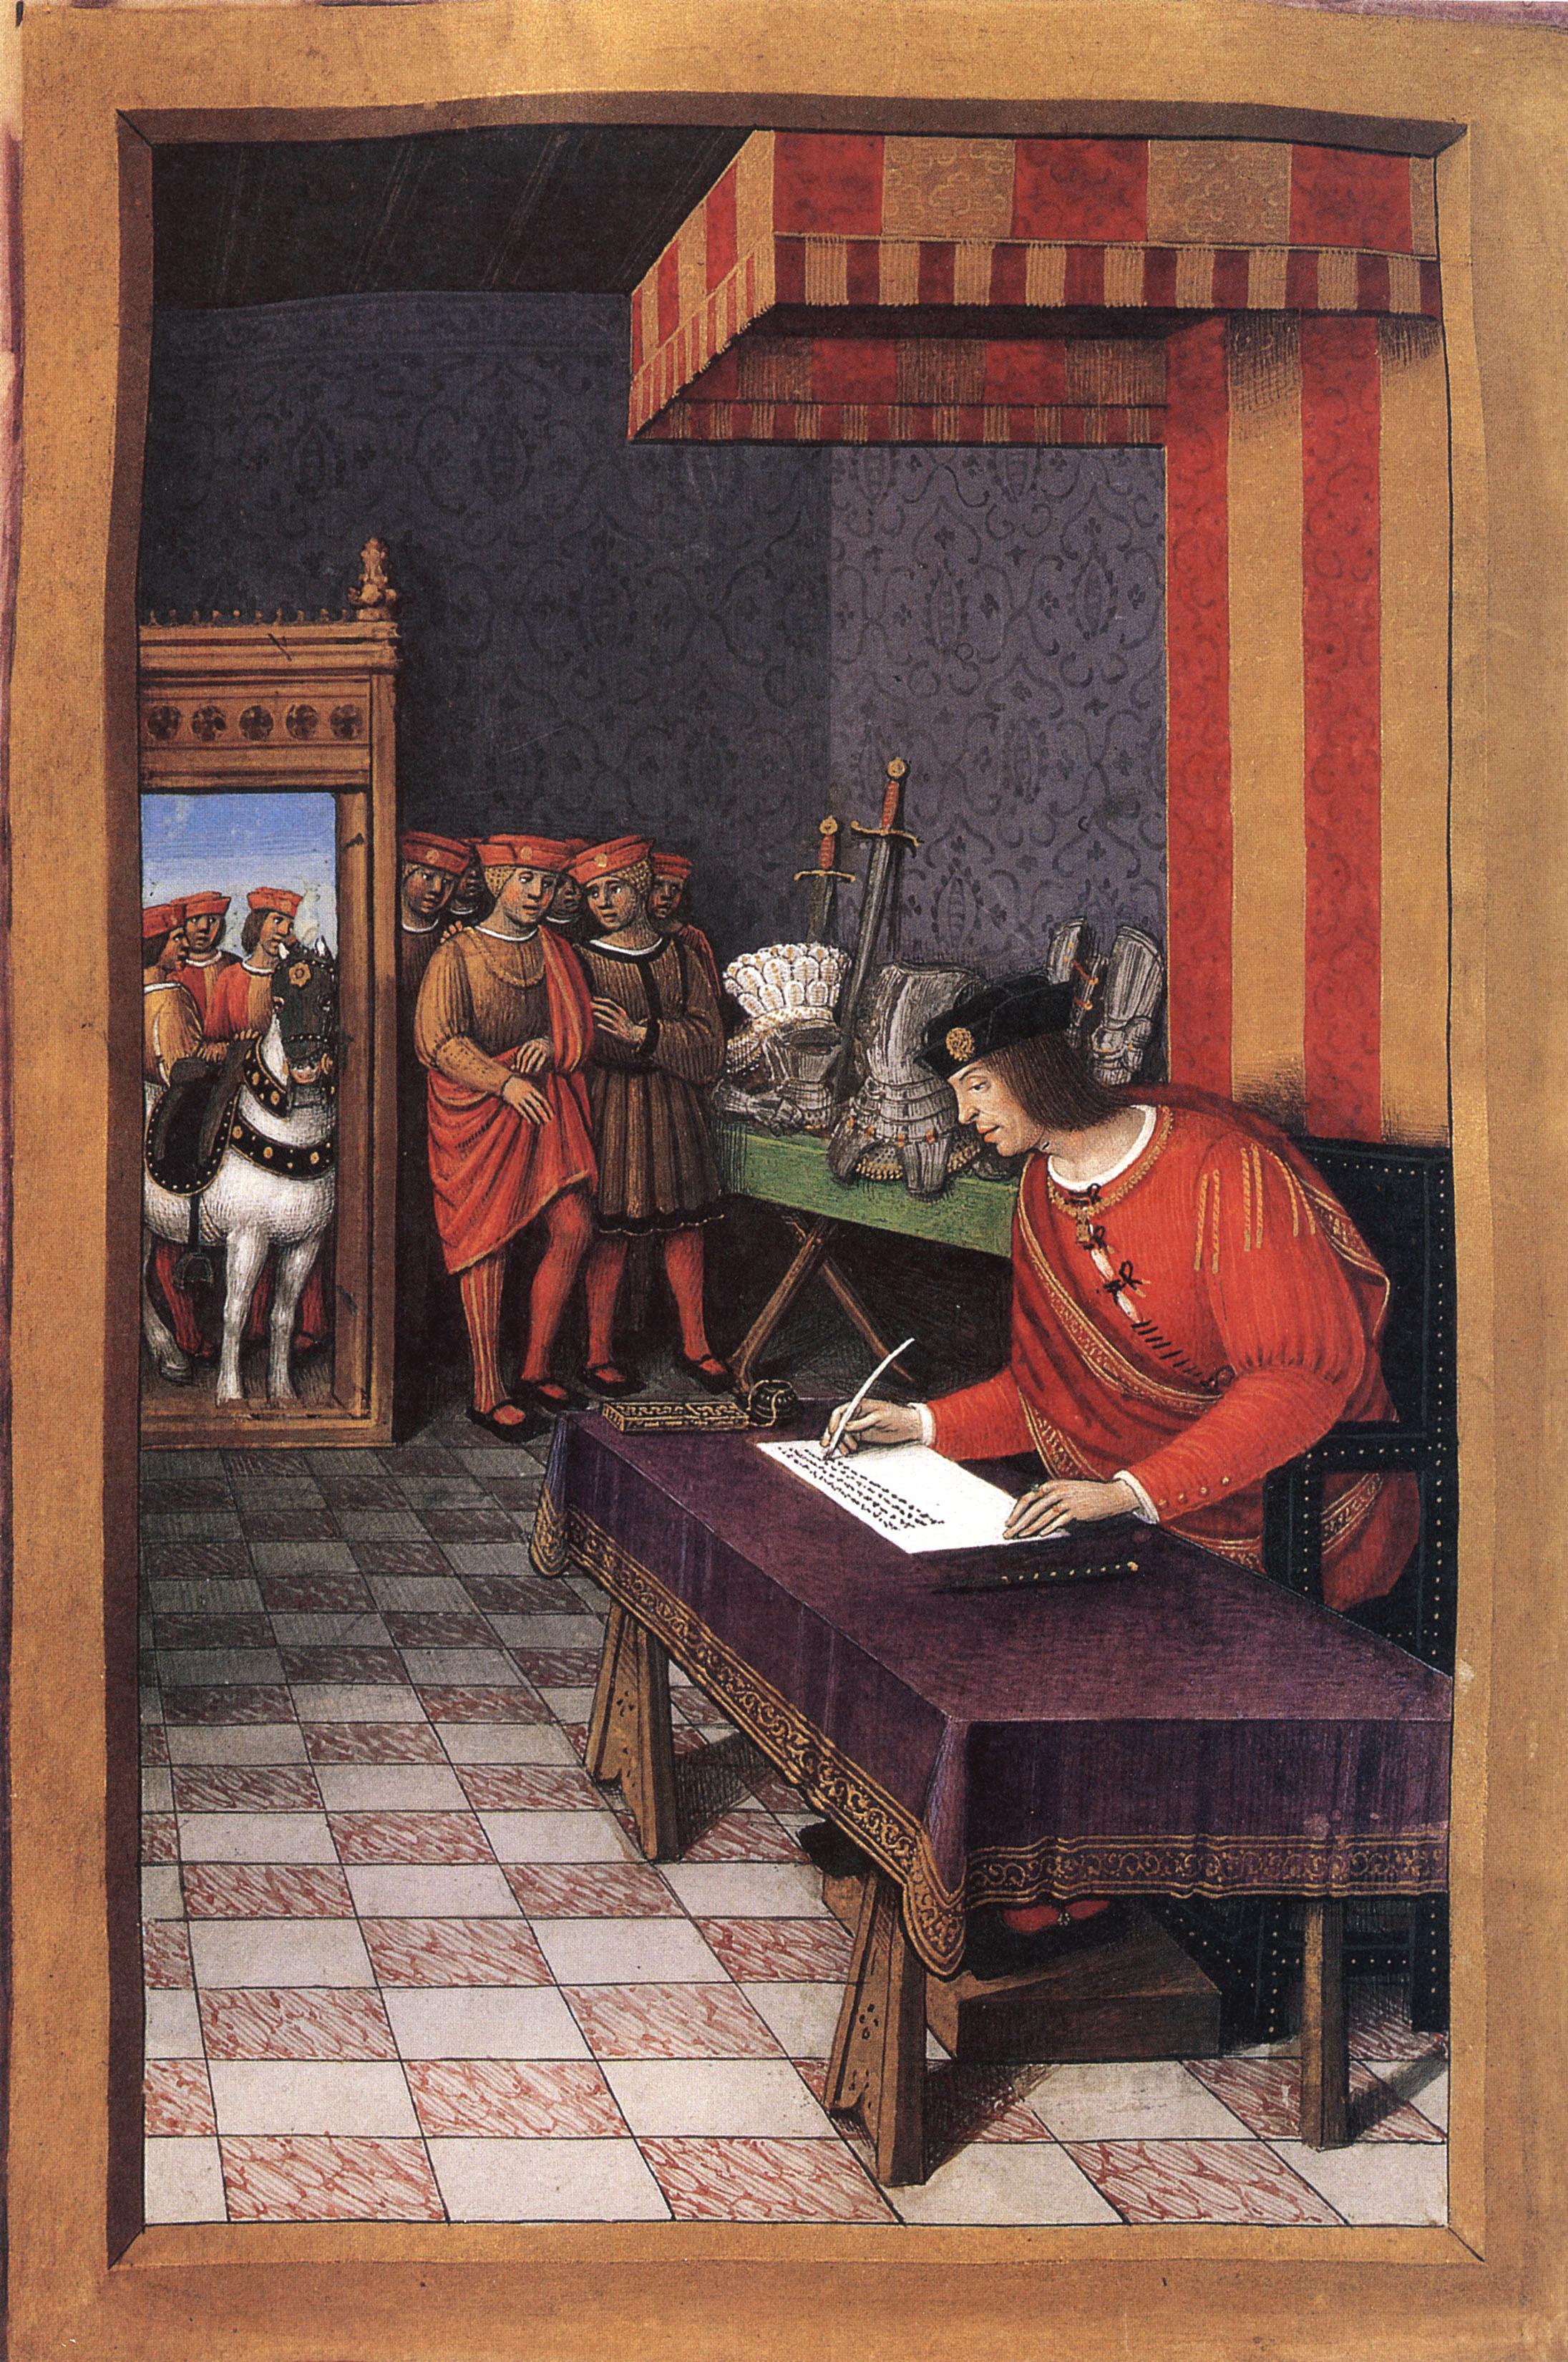 Louis-XII-ecrivant-a-Anne-de-Bretagne-Épitres-de-poètes-royaux-folio-51v-Fr-Fv-XIV-8-BNR-St-Petersburg